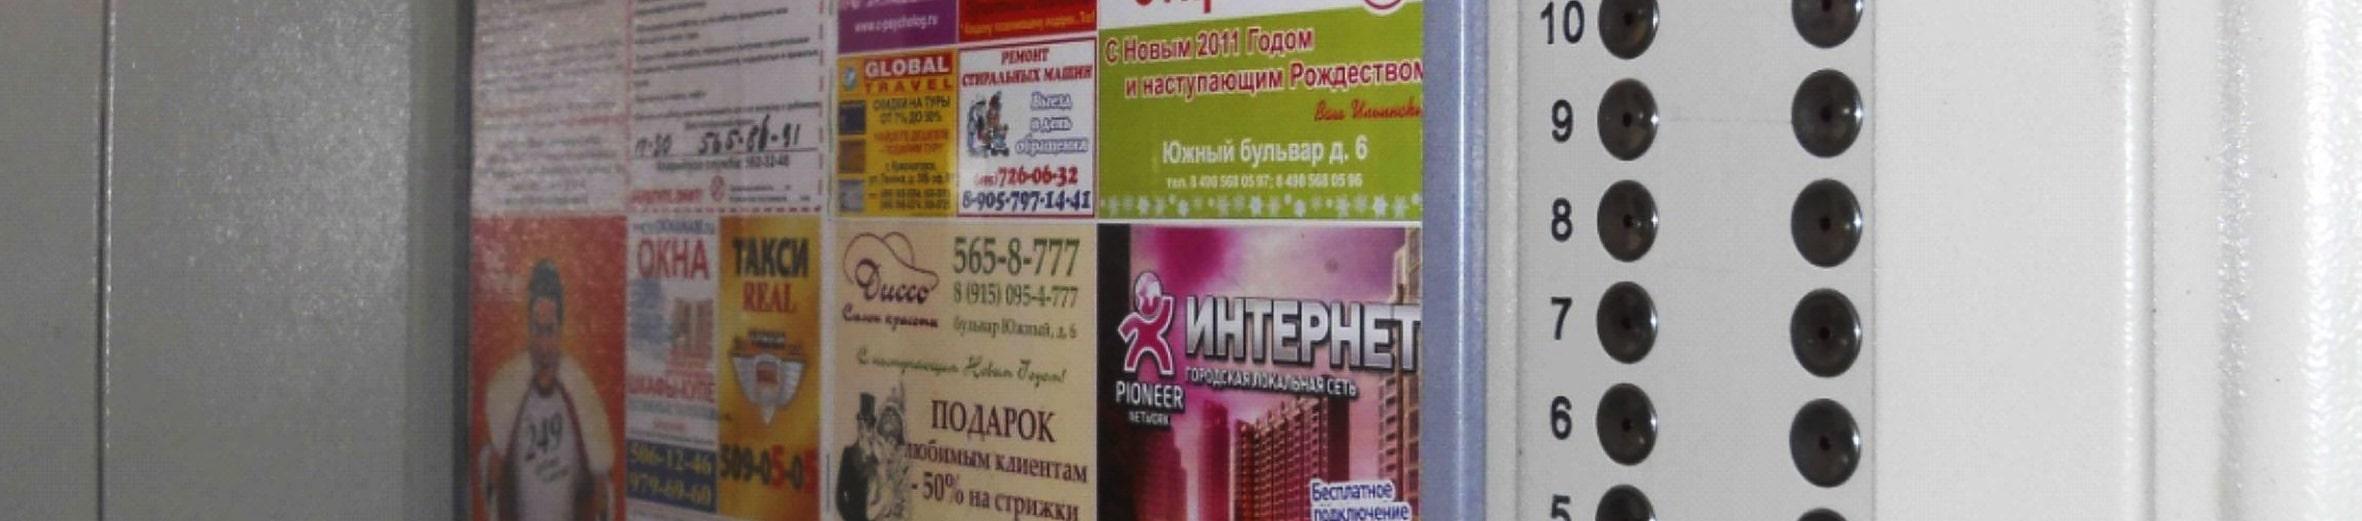 Реклама в лифтах в Ростов-на-Дону подъезды